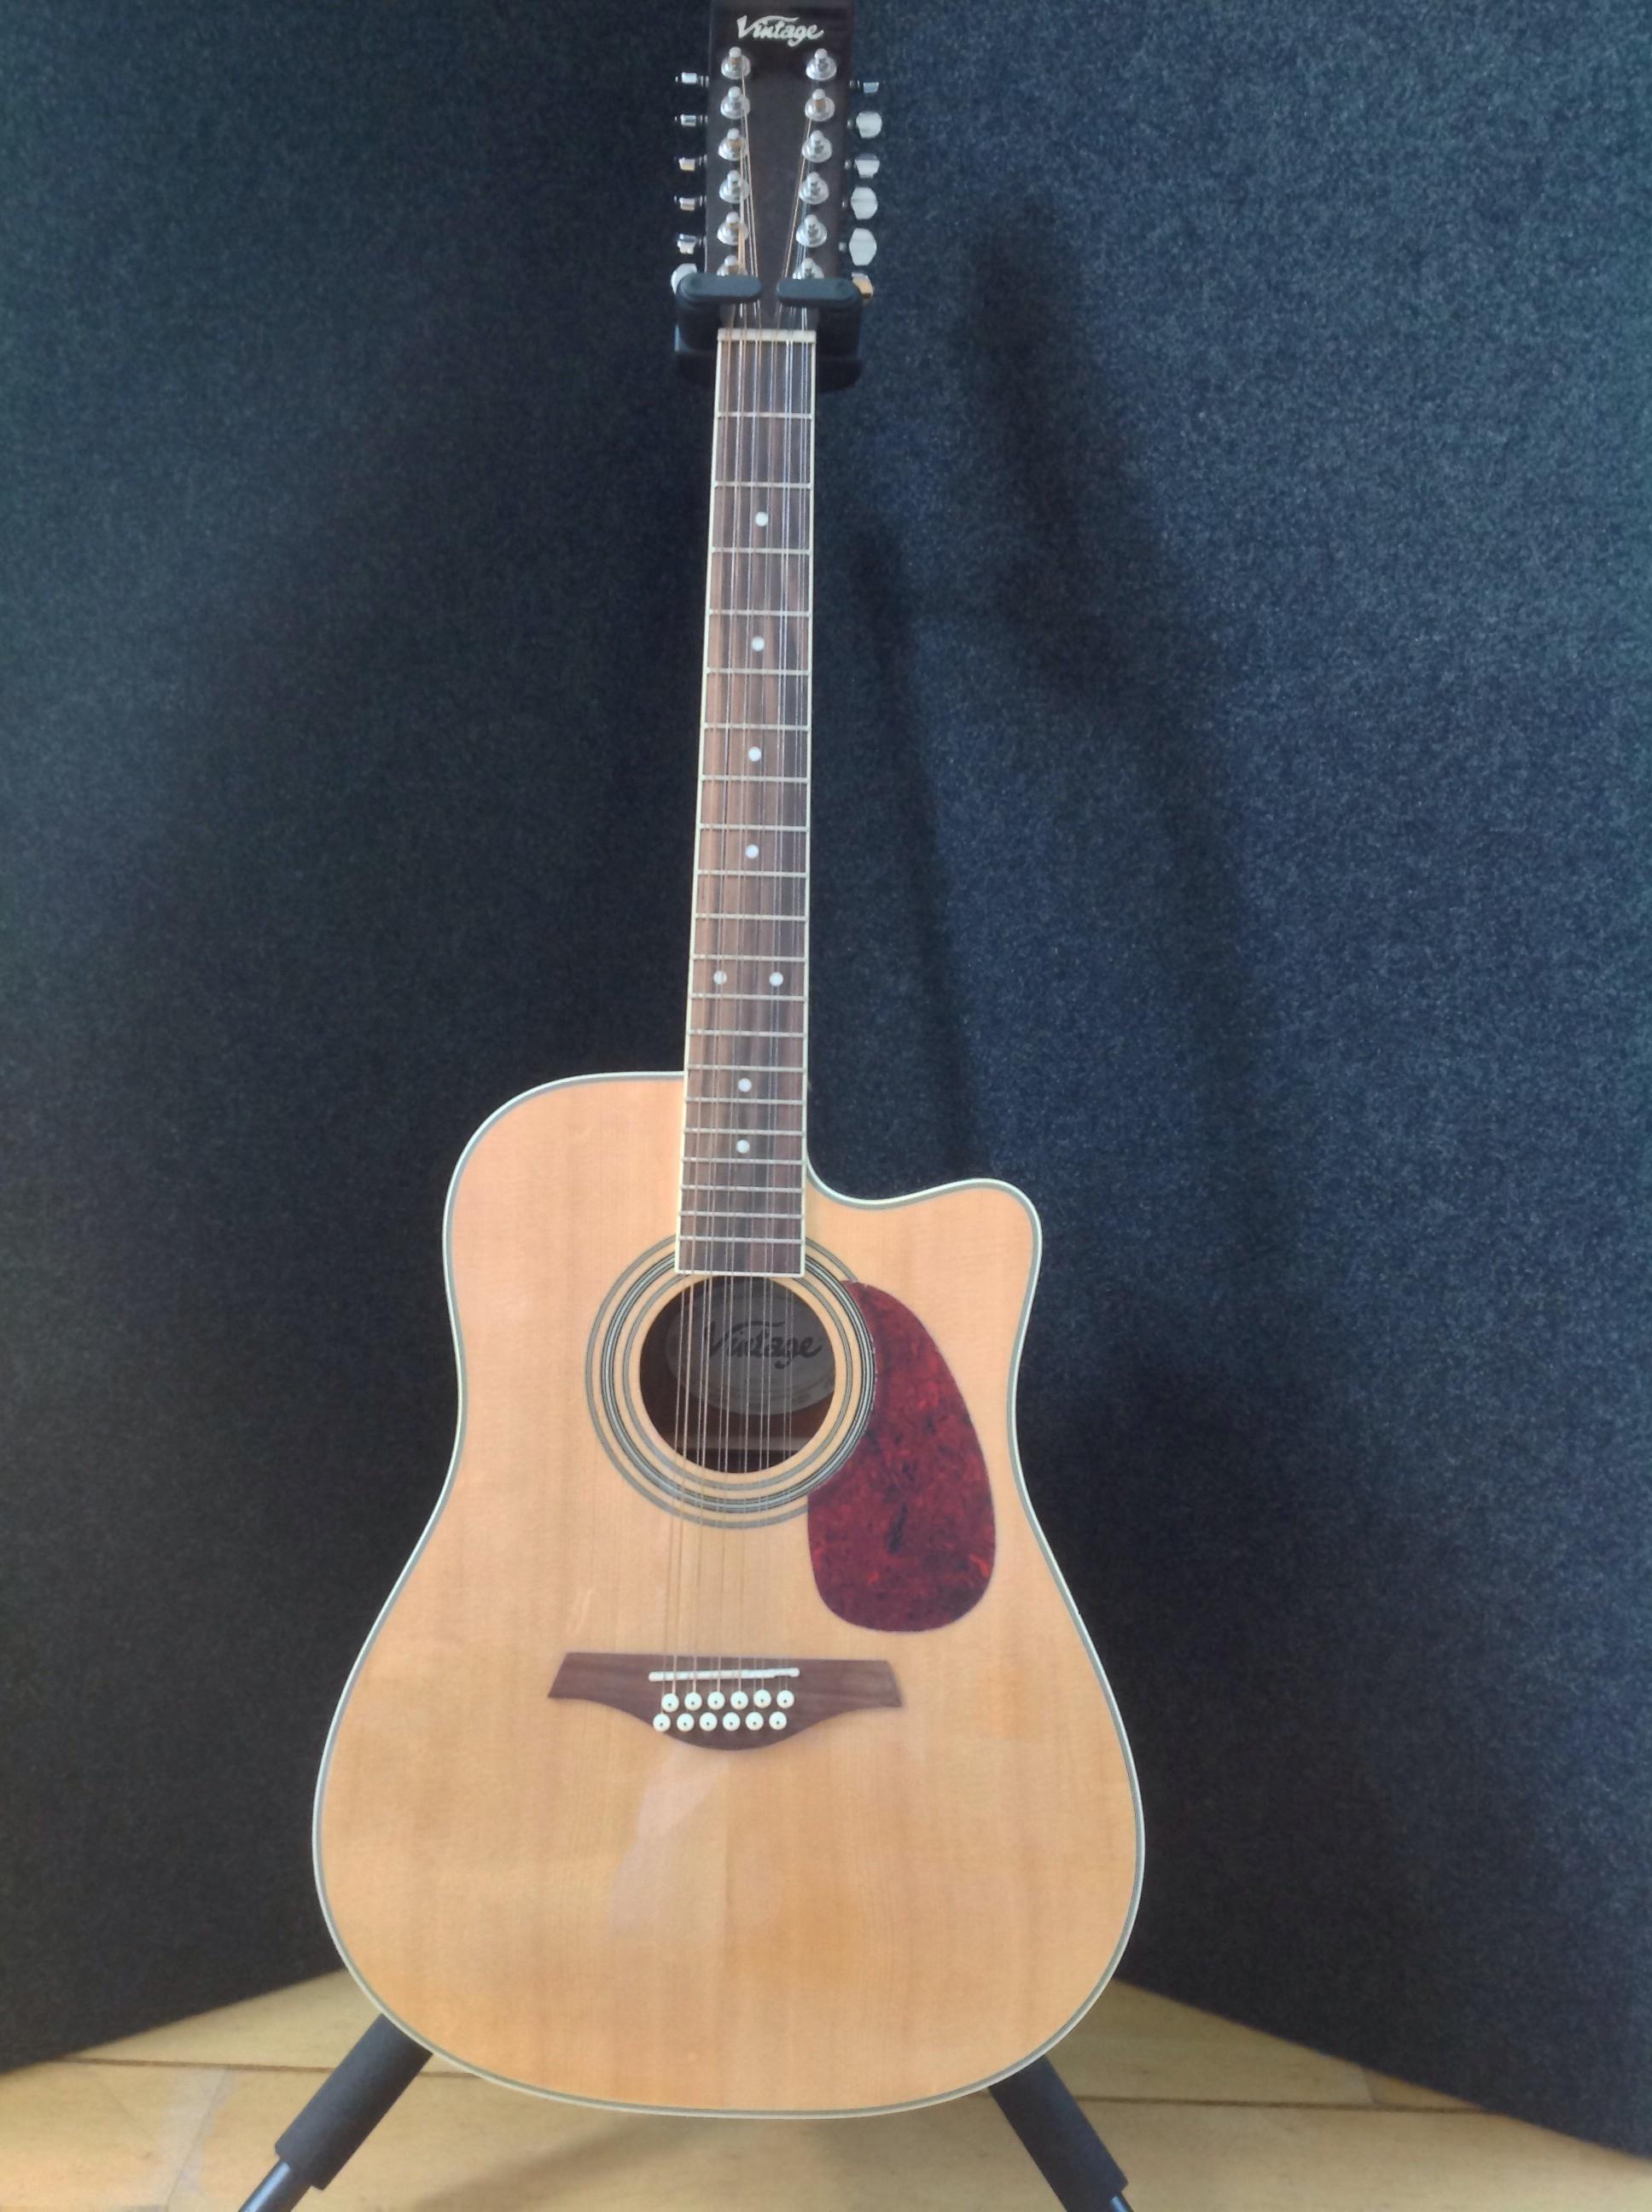 guitare acoustique vintage